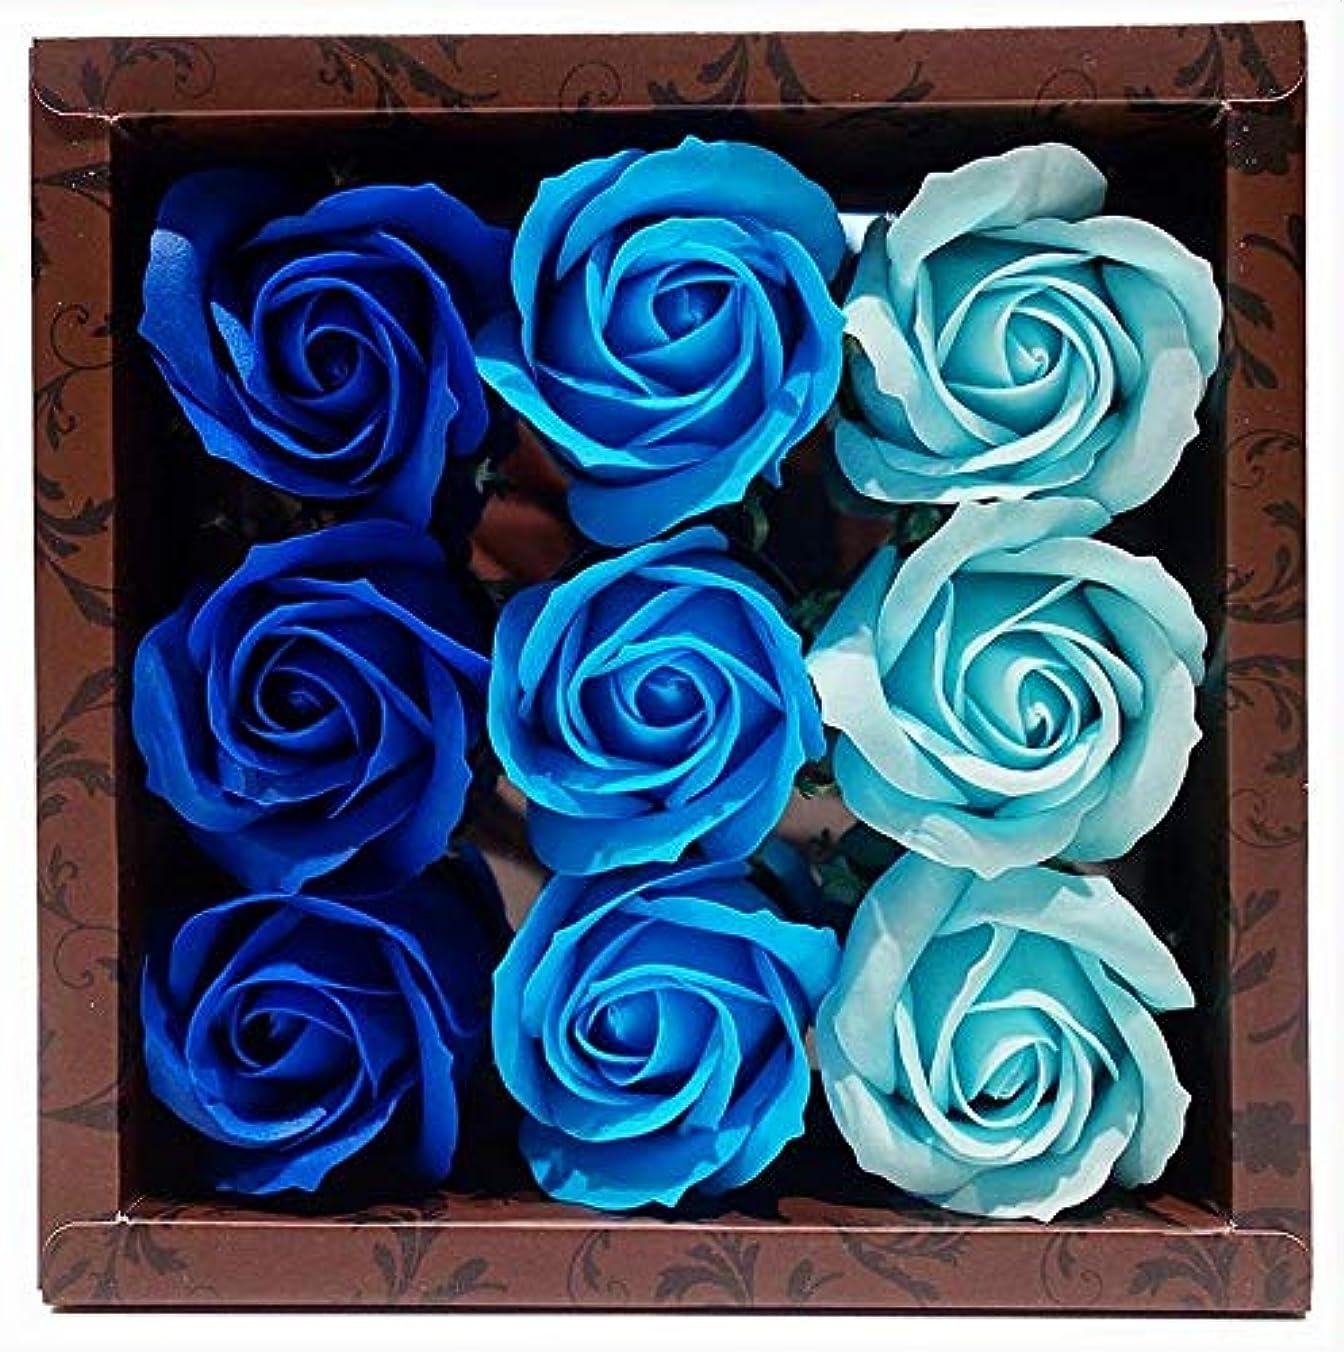 小学生先行する管理する花のカタチの入浴料 ローズ バスフレグランス フラワーフレグランス バスフラワー (ブルー)